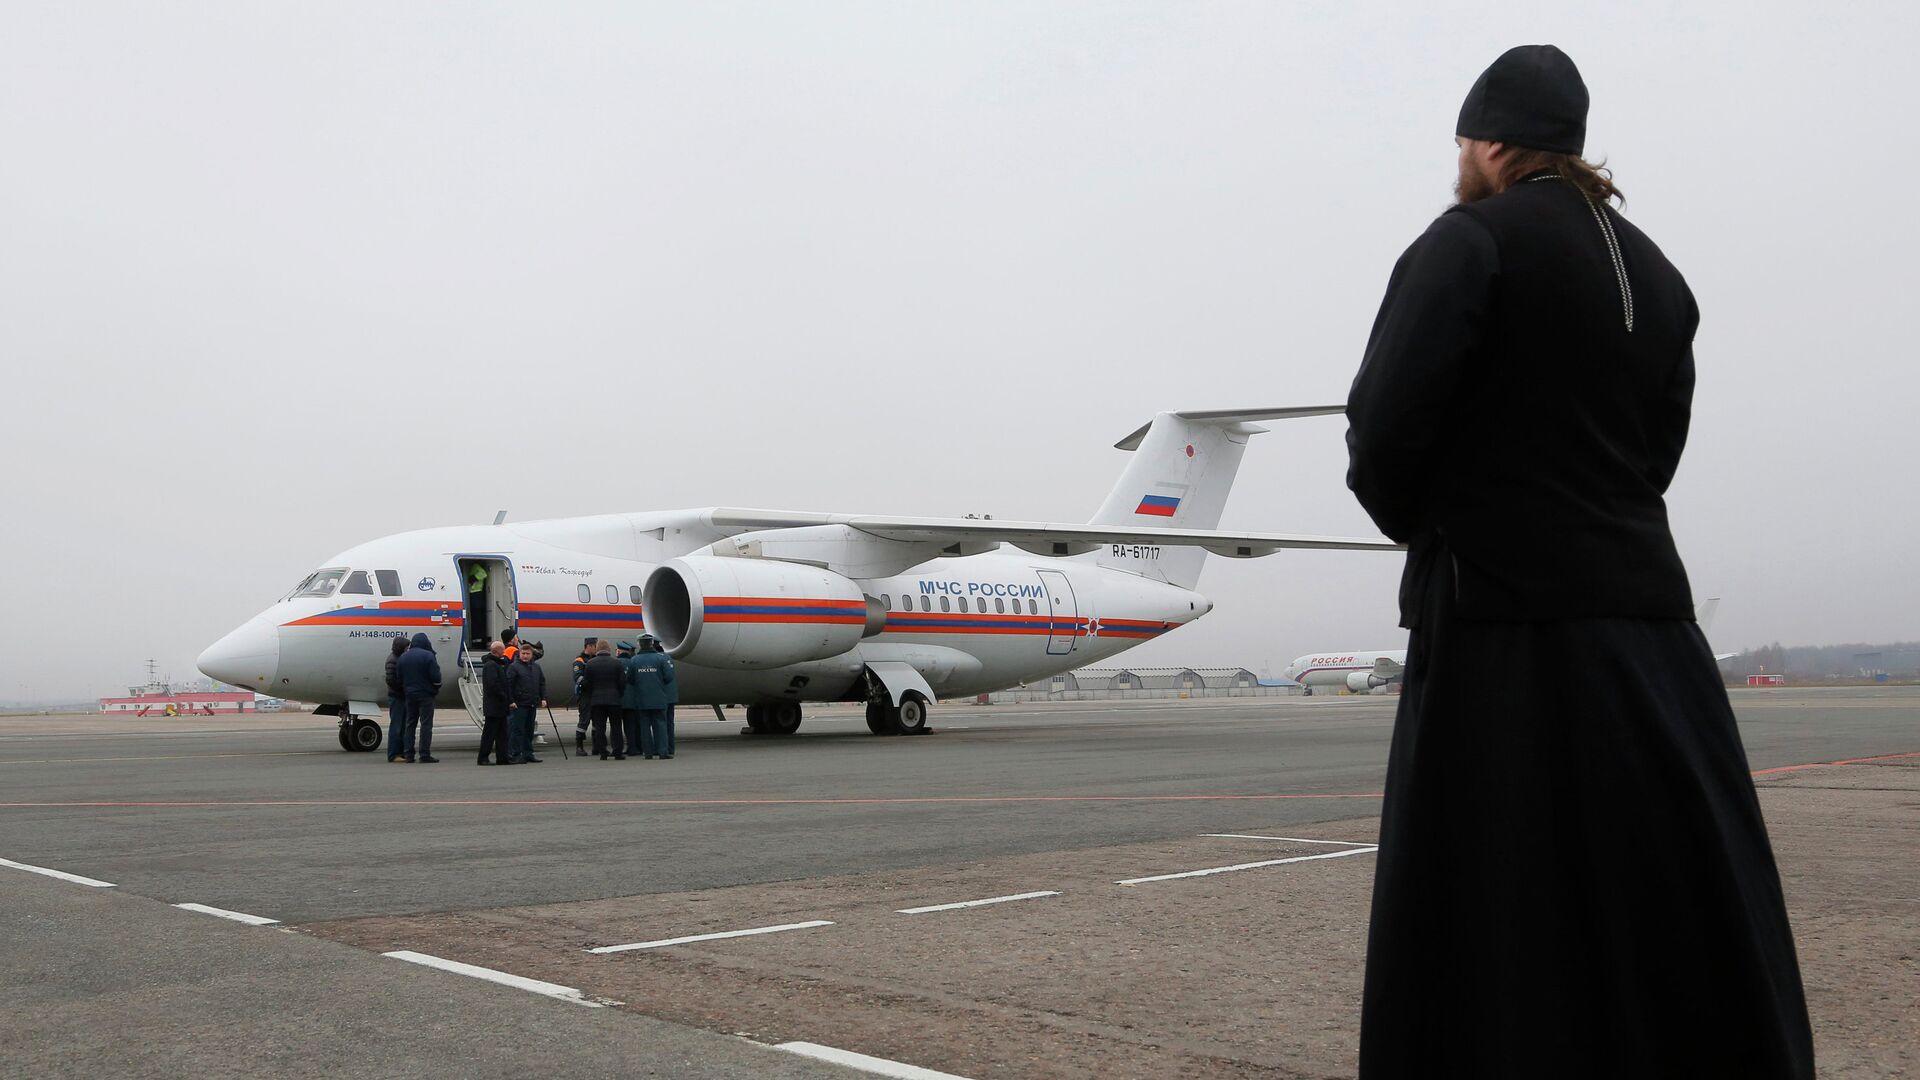 Священнослужитель наблюдает в аэропорту Пулково в Санкт-Петербурге за самолетом МЧС России, доставившим тела жертв крушения Airbus A321 авиакомпании Когалымавиа - РИА Новости, 1920, 16.09.2021